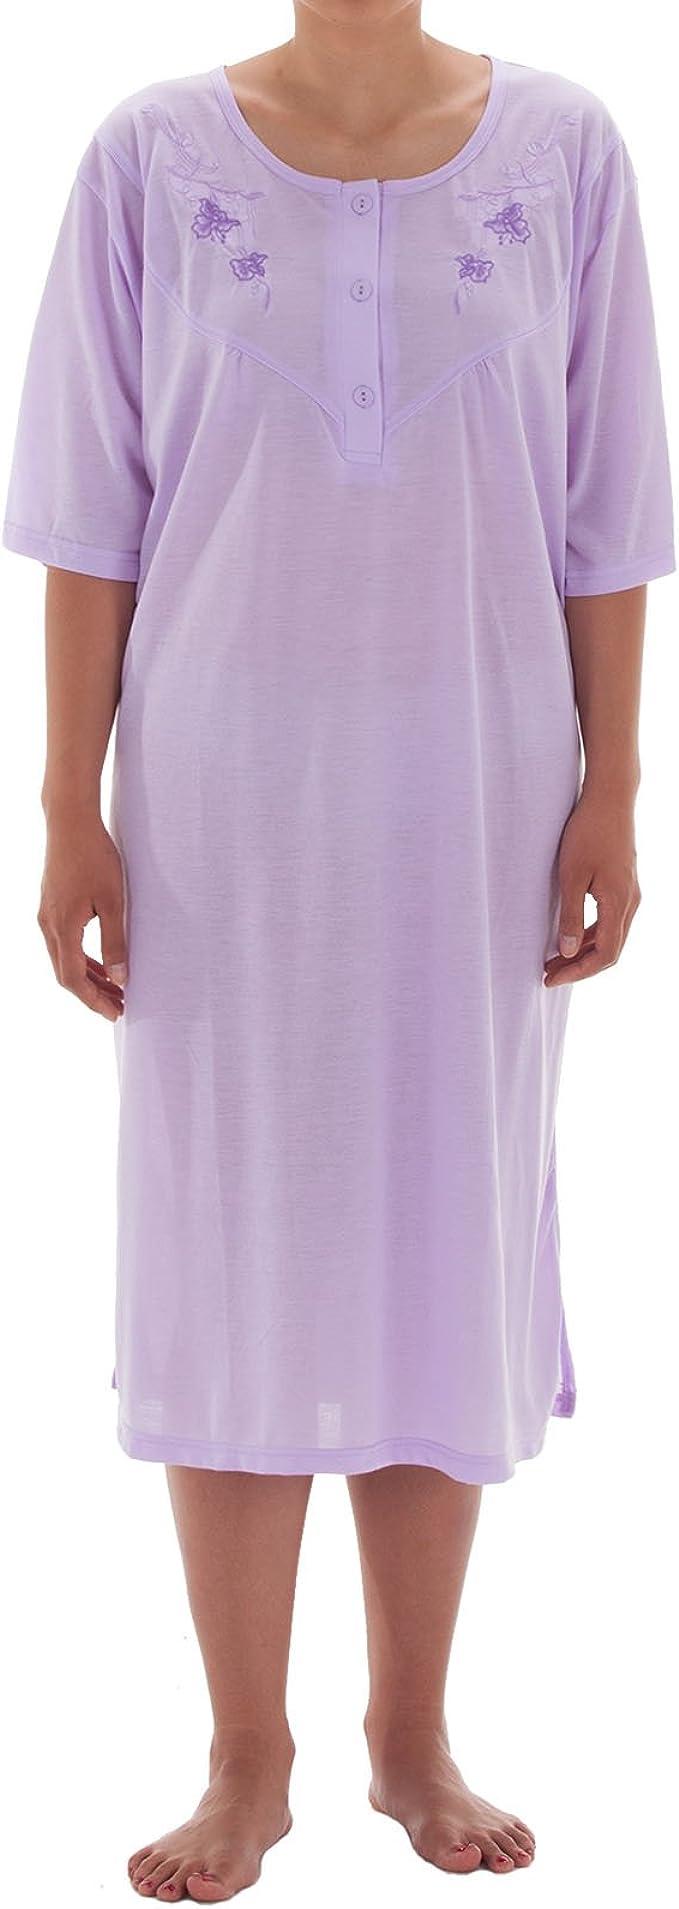 Romesa Camisón de mujer de manga corta monocolor con bordado, tallas grandes 3XL-6XL